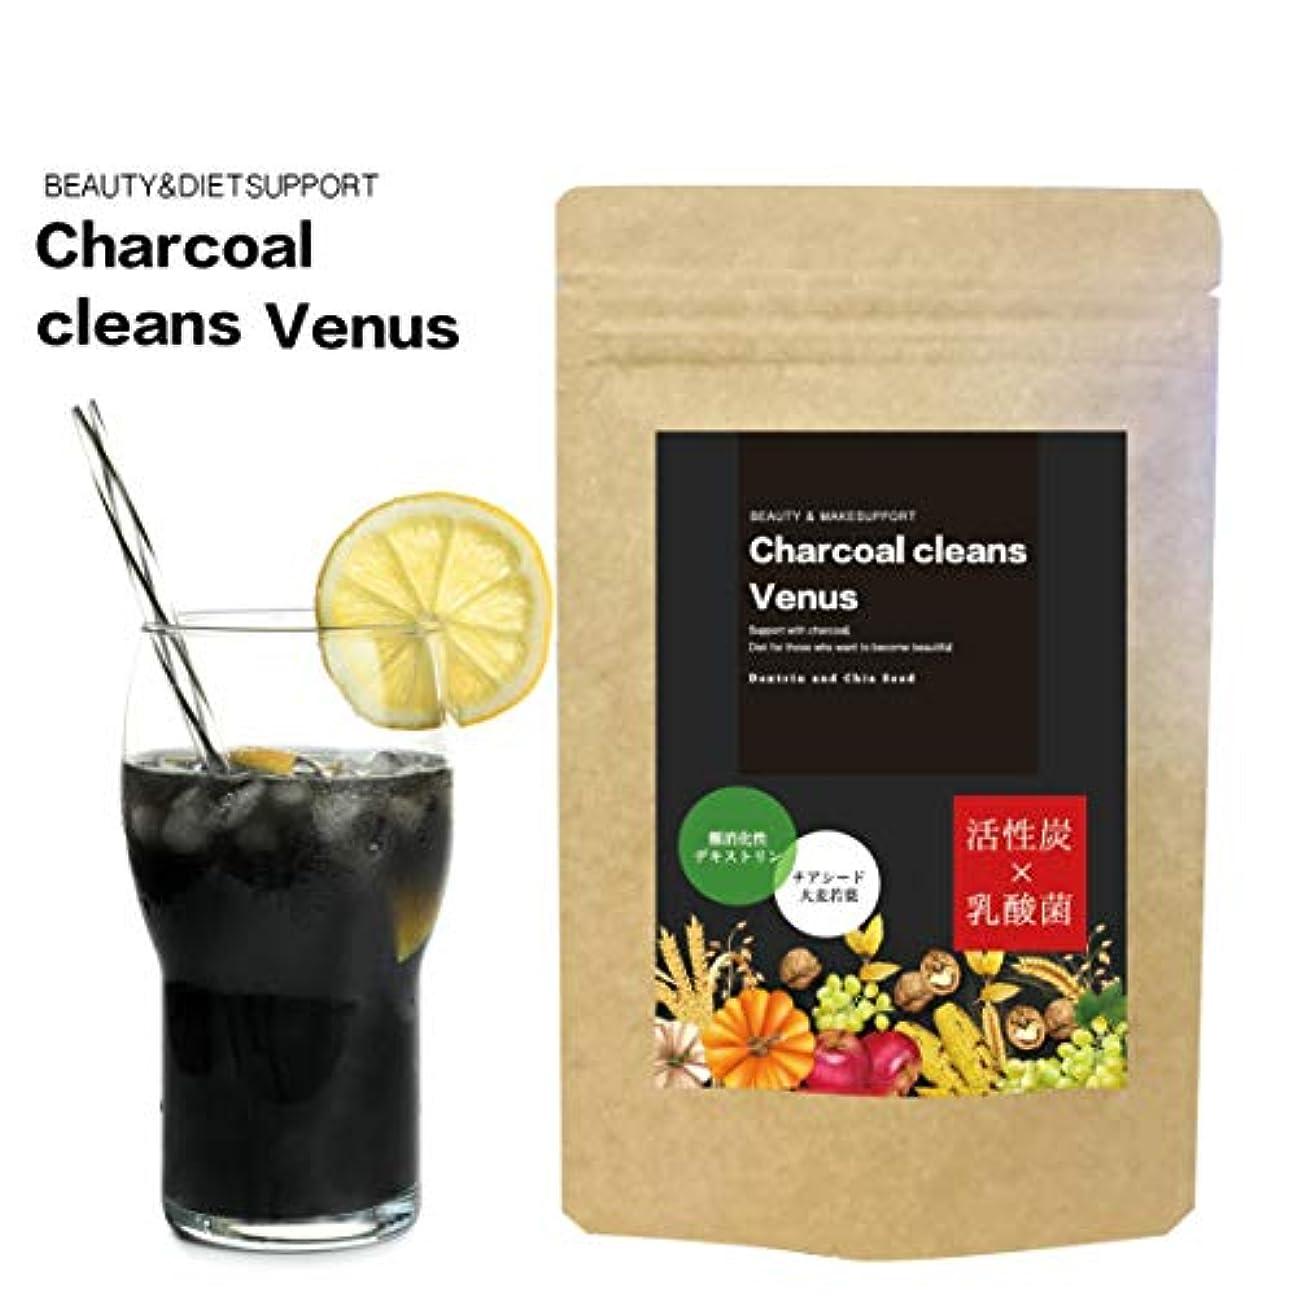 バン招待強い炭 デトックス & ダイエット 活性炭 + 乳酸菌 チャコールクレンズ ビーナス 約1ヶ月分 150g フルーツMIX味